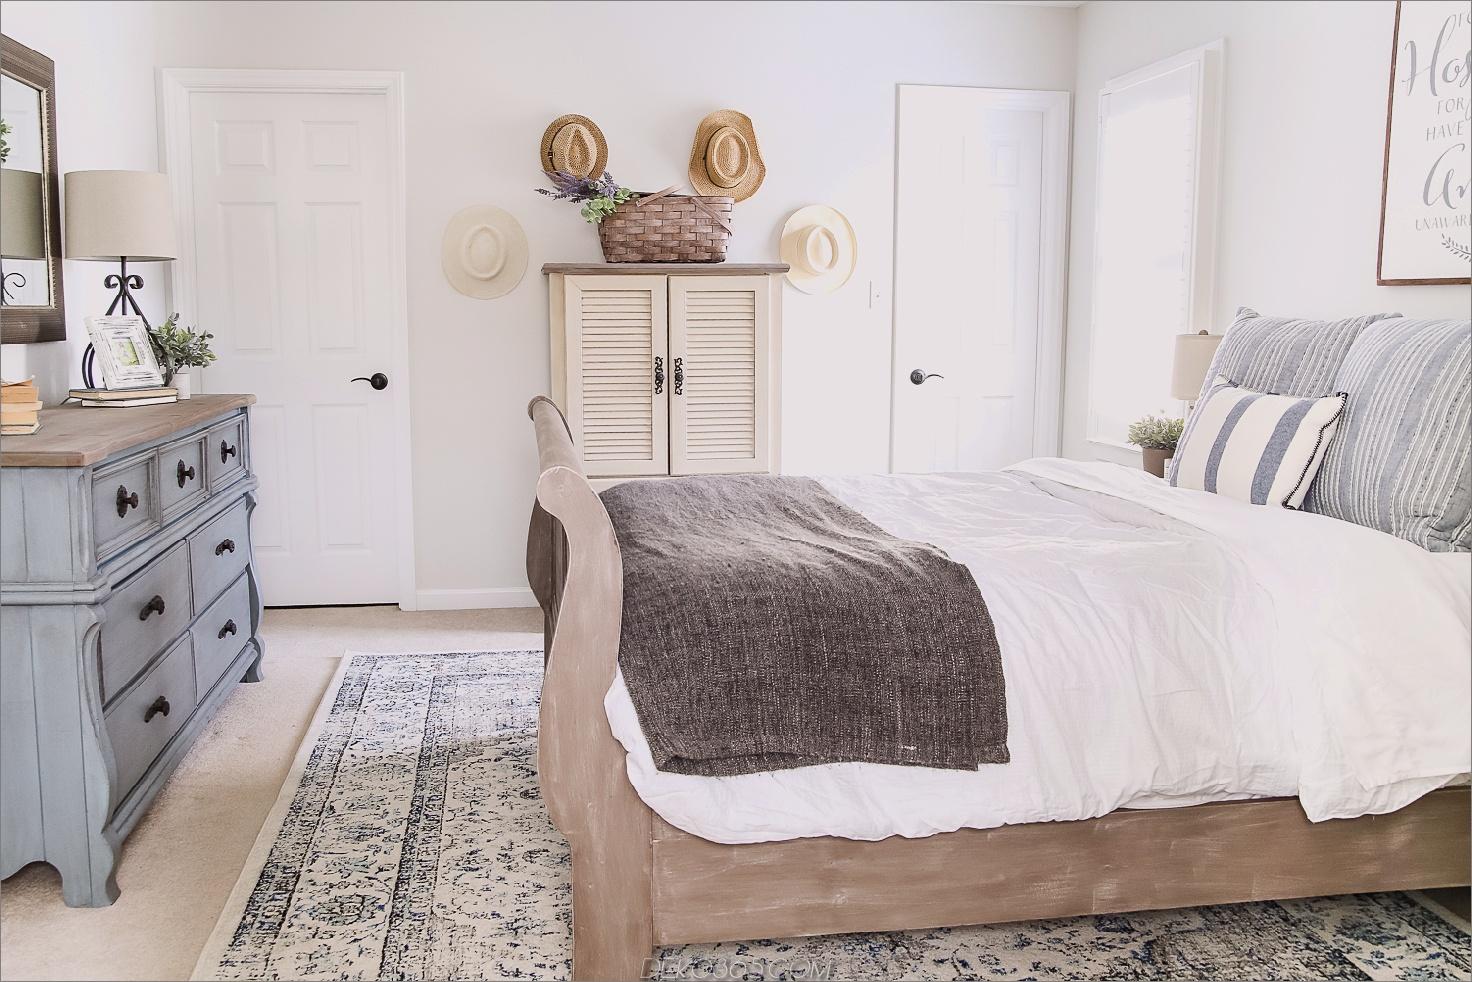 Mit diesen Gästezimmer-Gestaltungskonzepten fühlen sich Ihre Gäste wie zu Hause_5c58bac8f1aa6.jpg